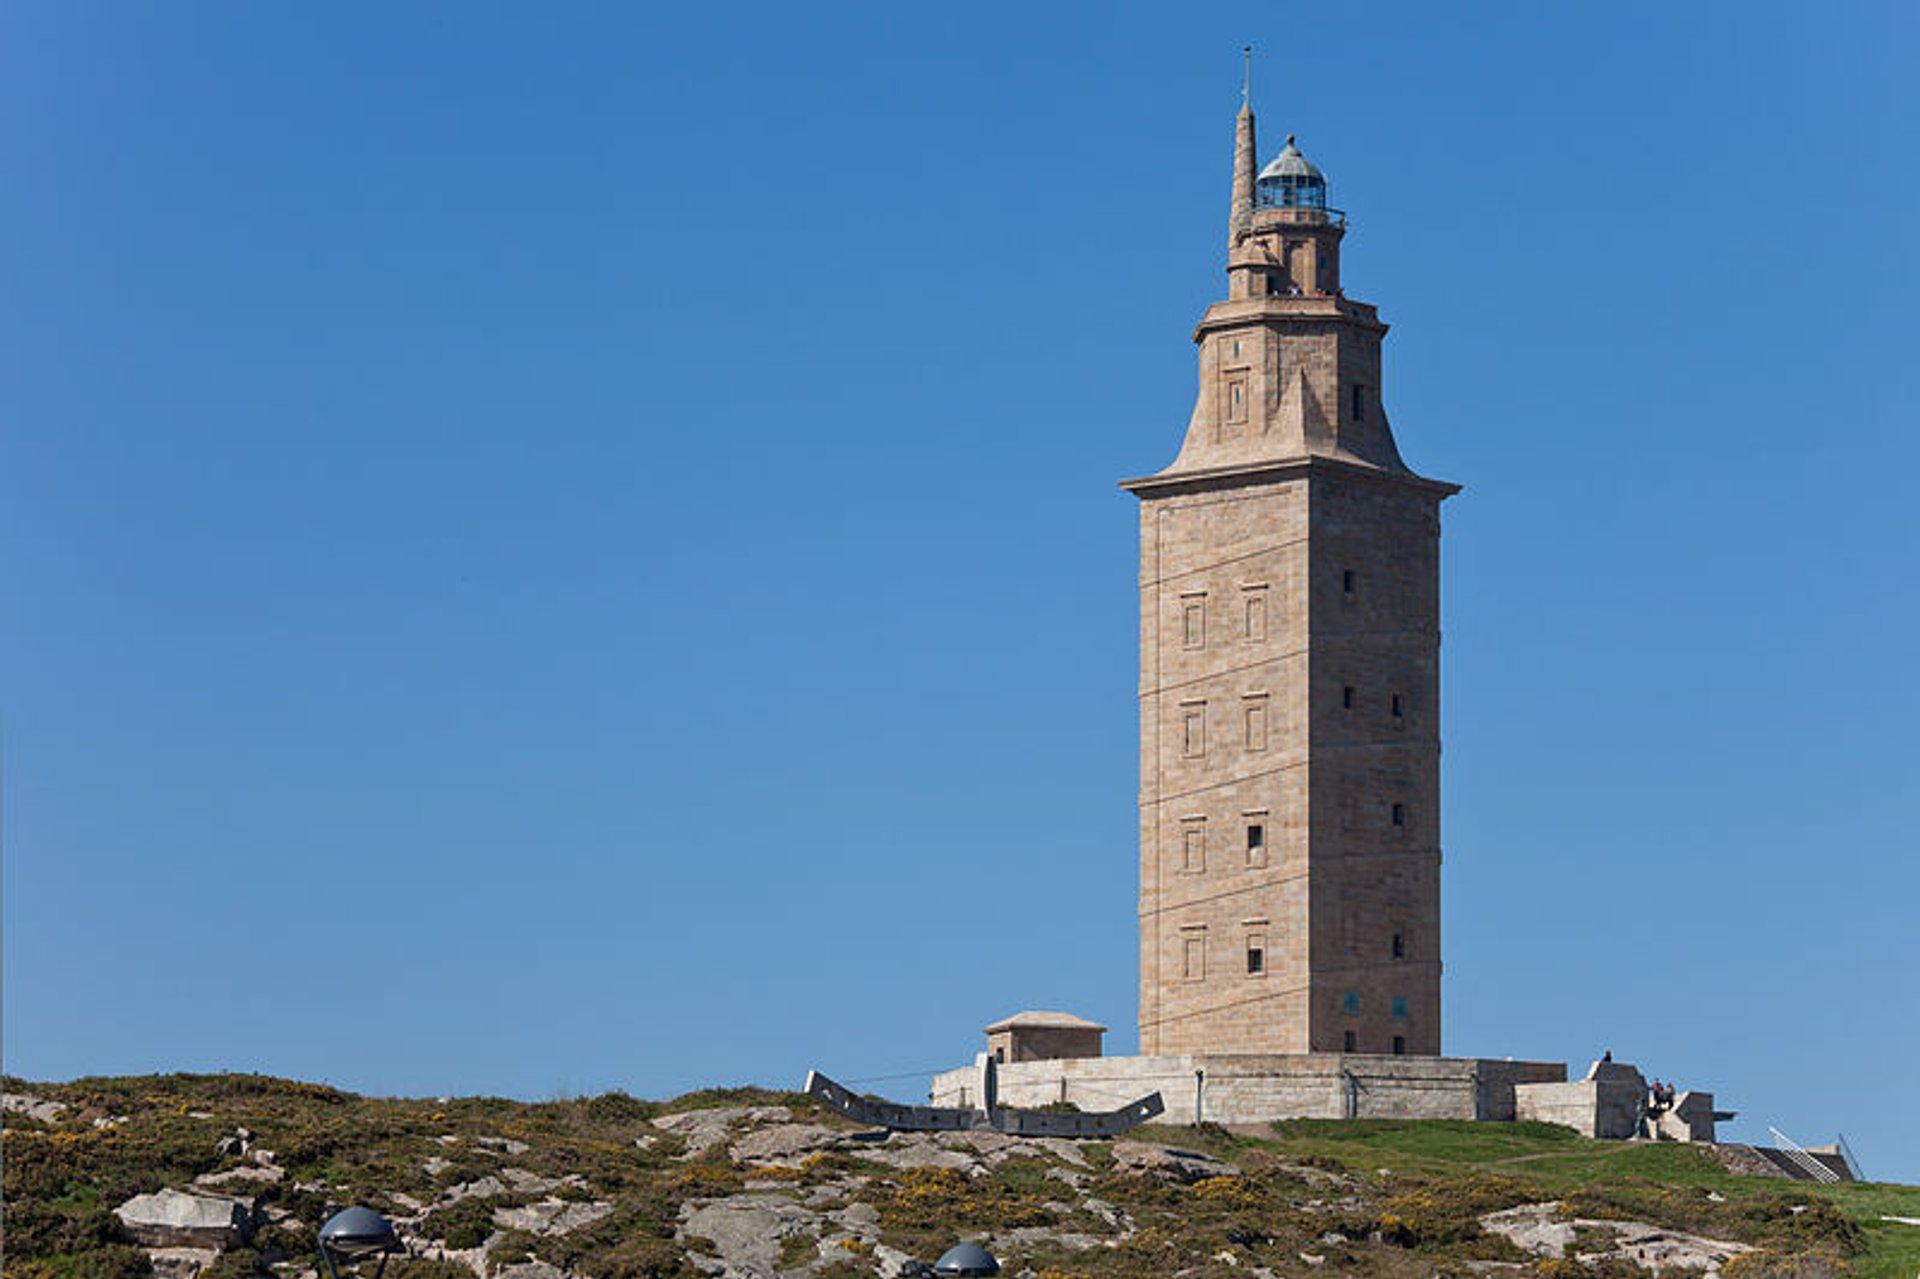 Tower of Hercules in Spain - Best Season